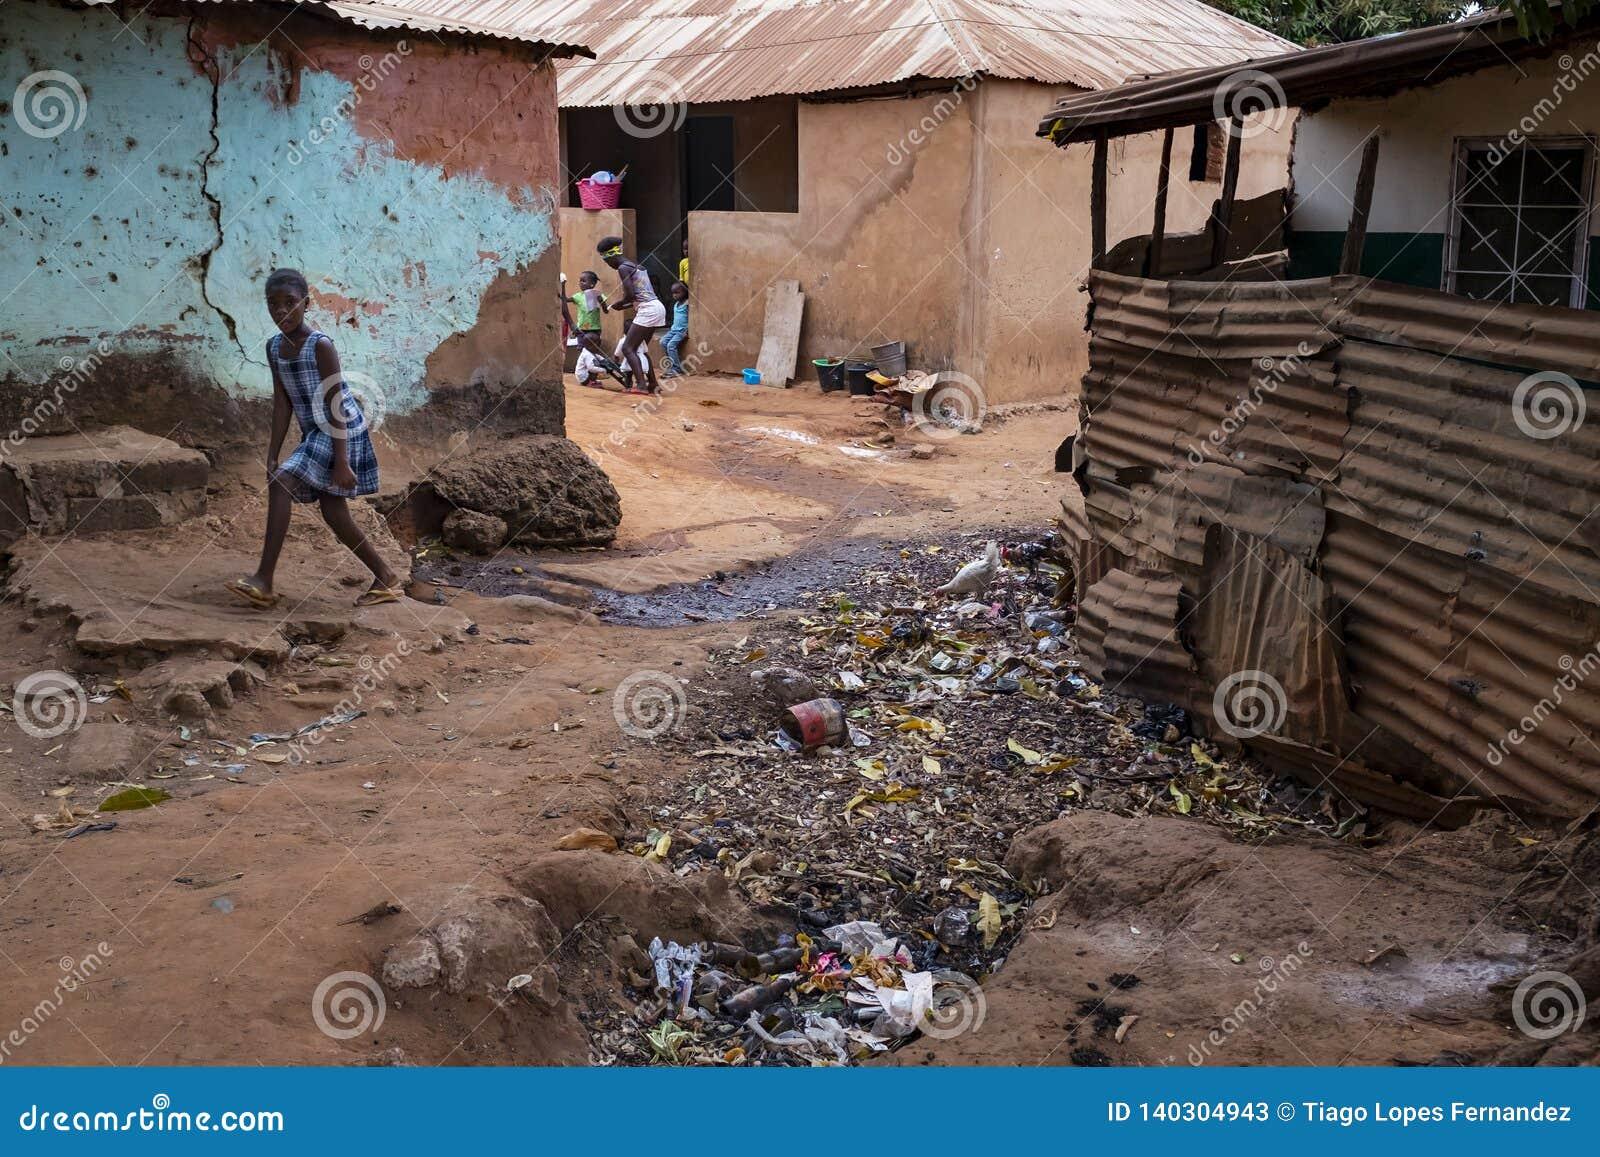 Jong meisje die op een vuilstraat in een krottenwijk met een openluchtriool, bij de stad van Bissau lopen